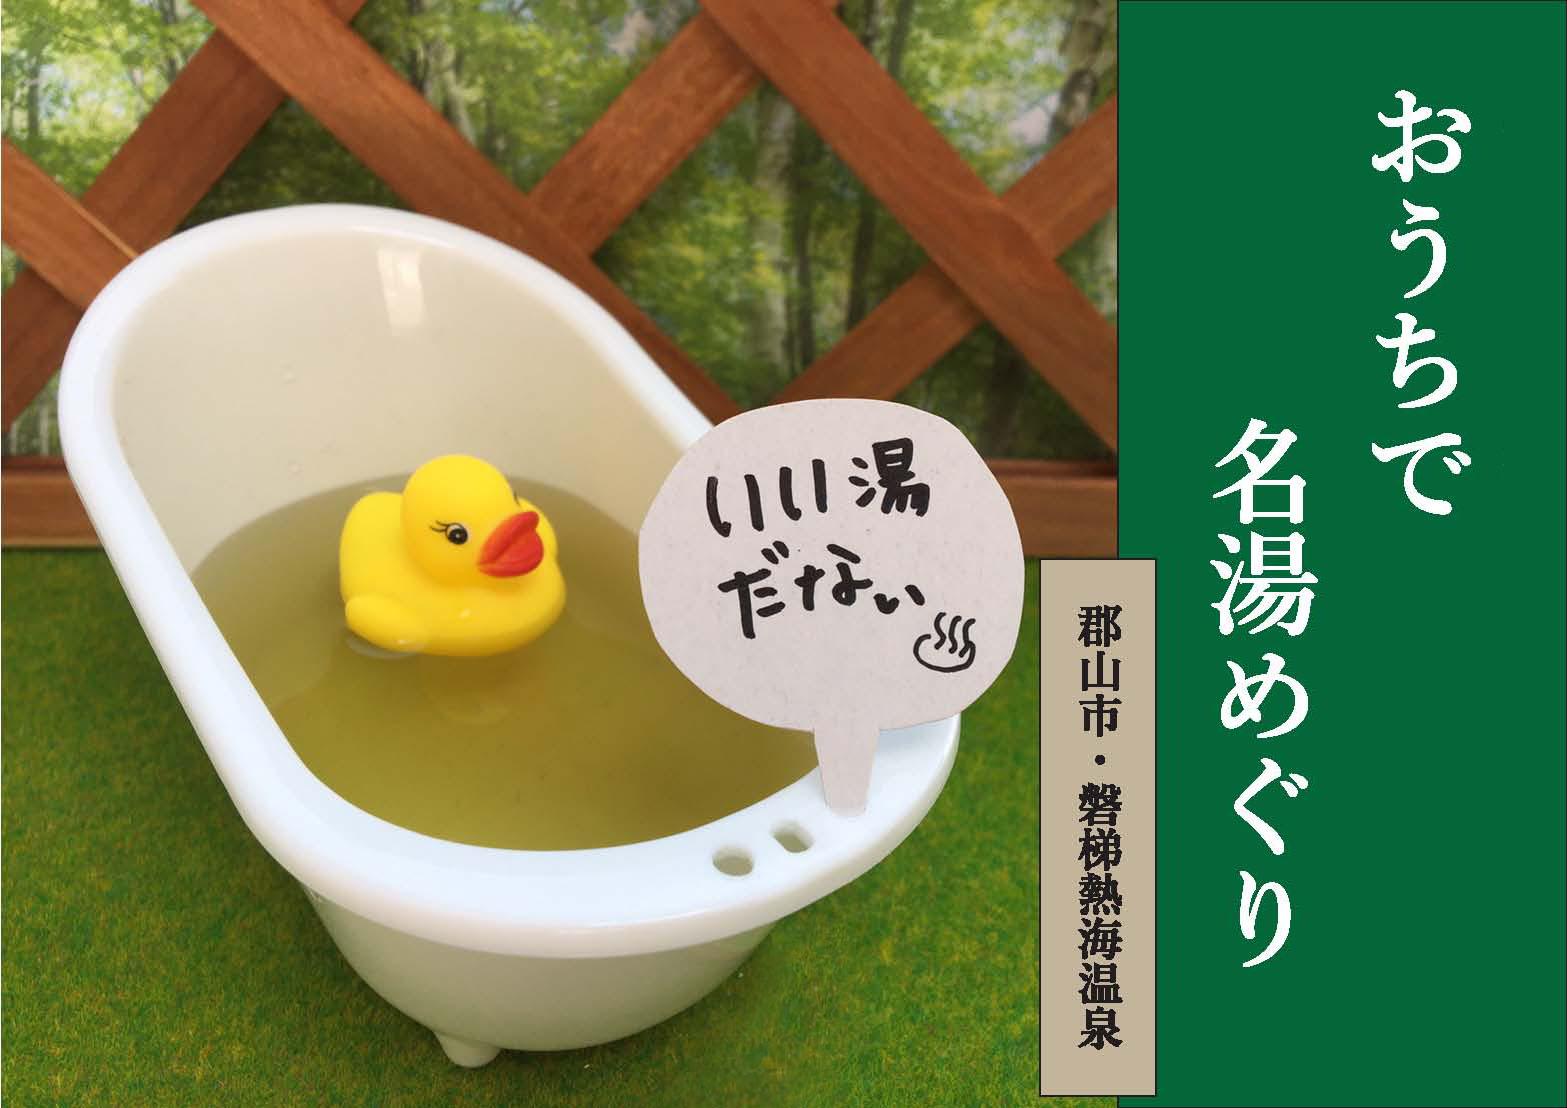 【福島県県中地域 おうちで名湯めぐり◆いい湯だなぃ!】